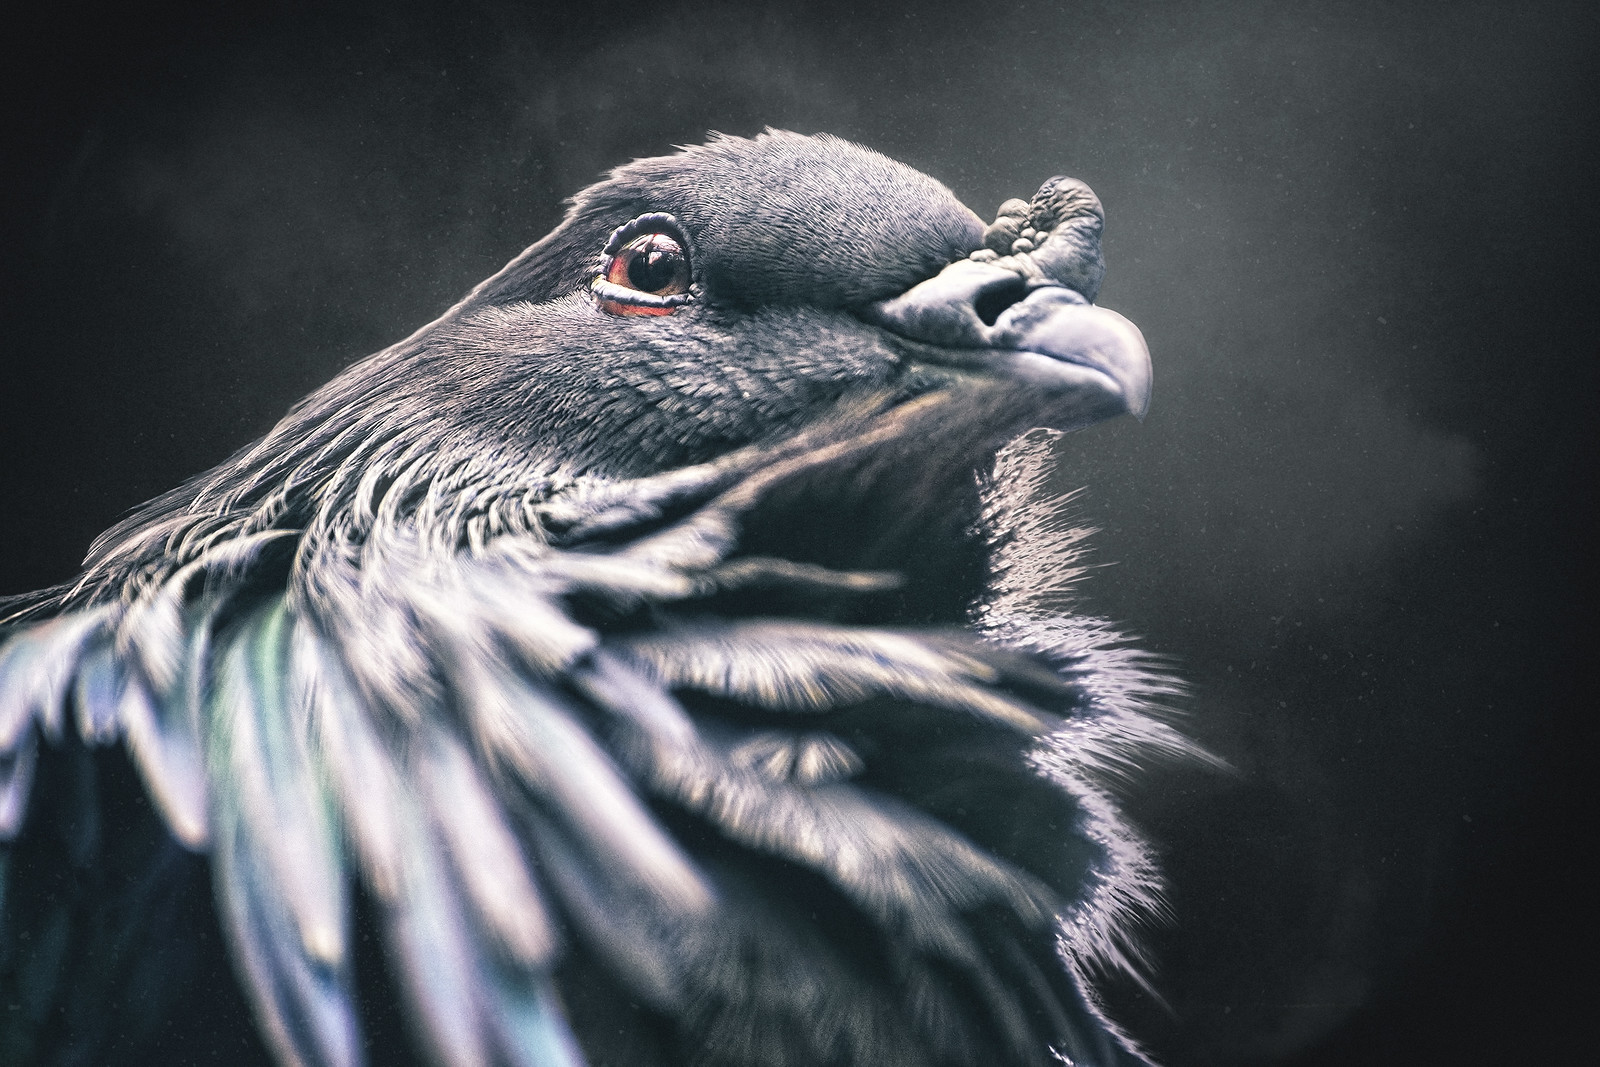 Closeup of a Nicobar Pigeon